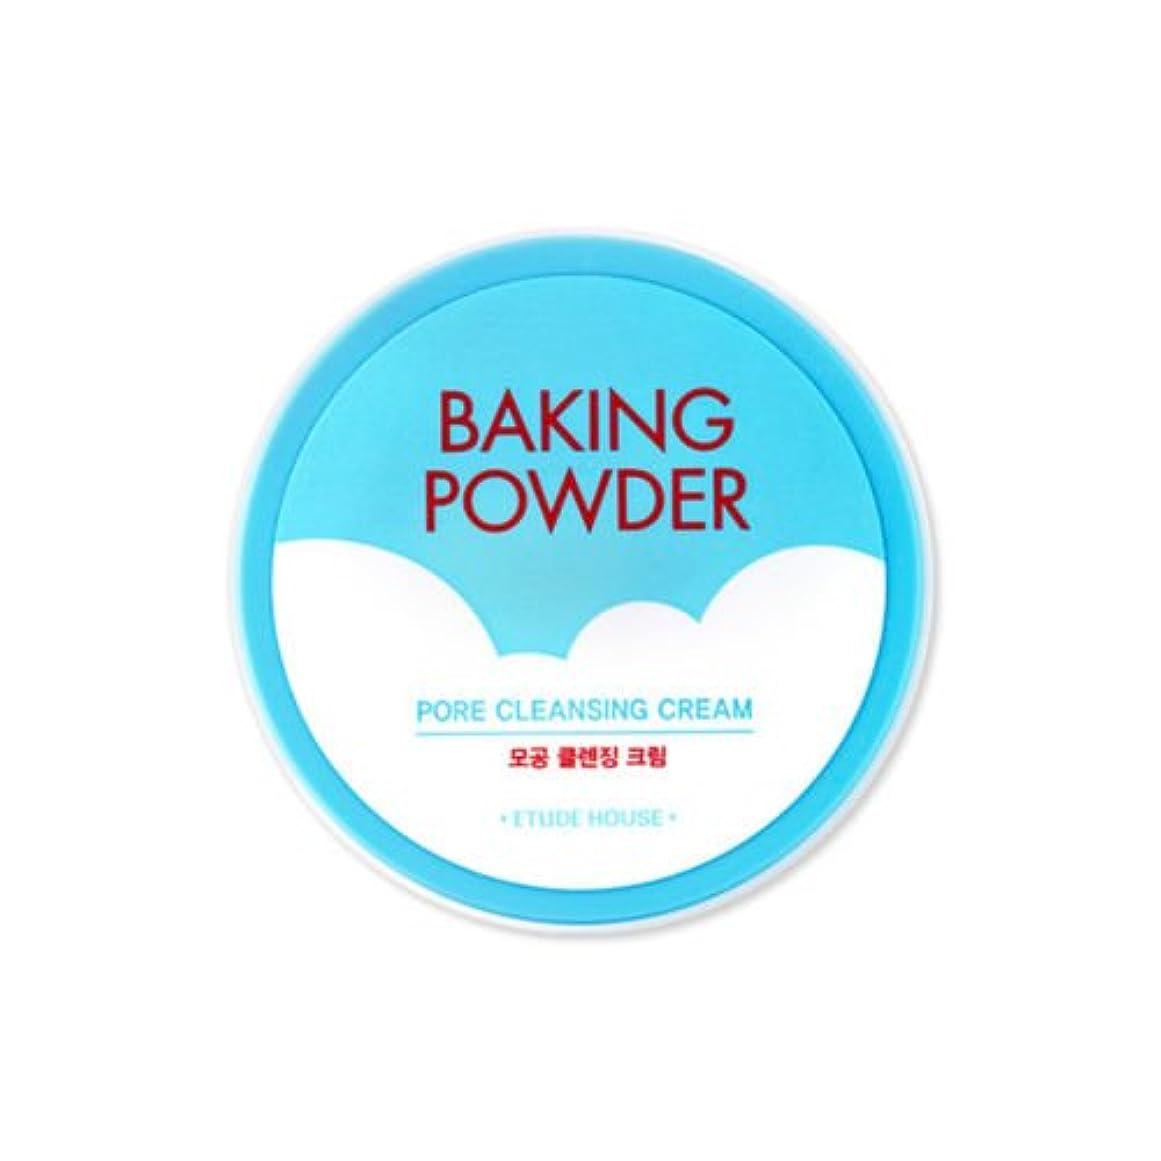 不完全な一致欲しいです[2016 Upgrade!] ETUDE HOUSE Baking Powder Pore Cleansing Cream 180ml/エチュードハウス ベーキング パウダー ポア クレンジング クリーム 180ml